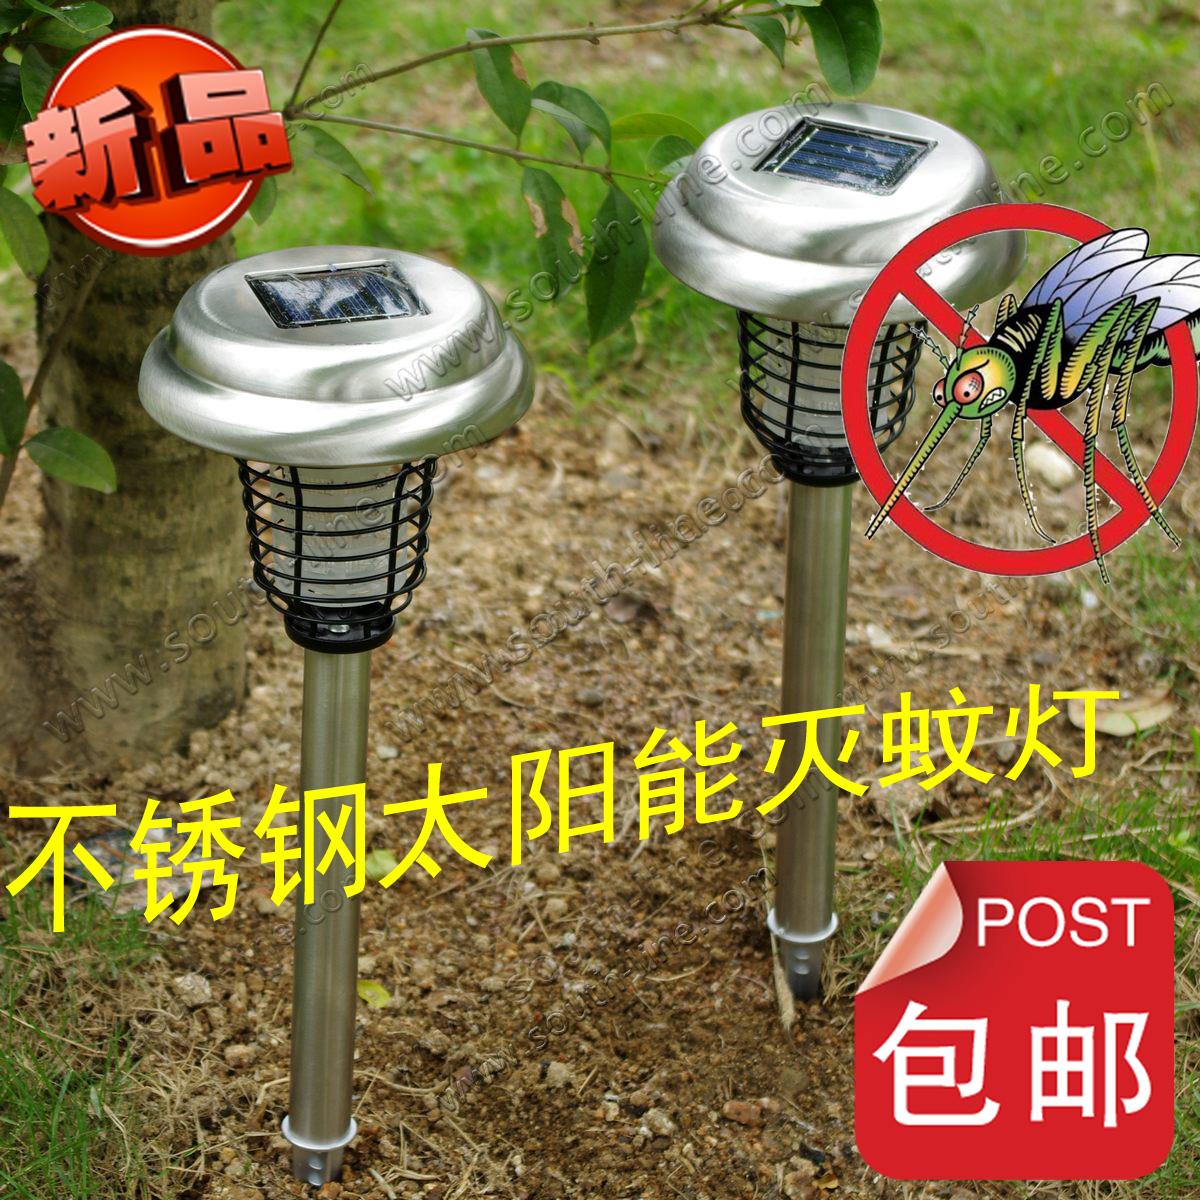 De aço inoxidável solares mosquito lâmpada assassino gramado punkie exterior lâmpada inseticida(China (Mainland))